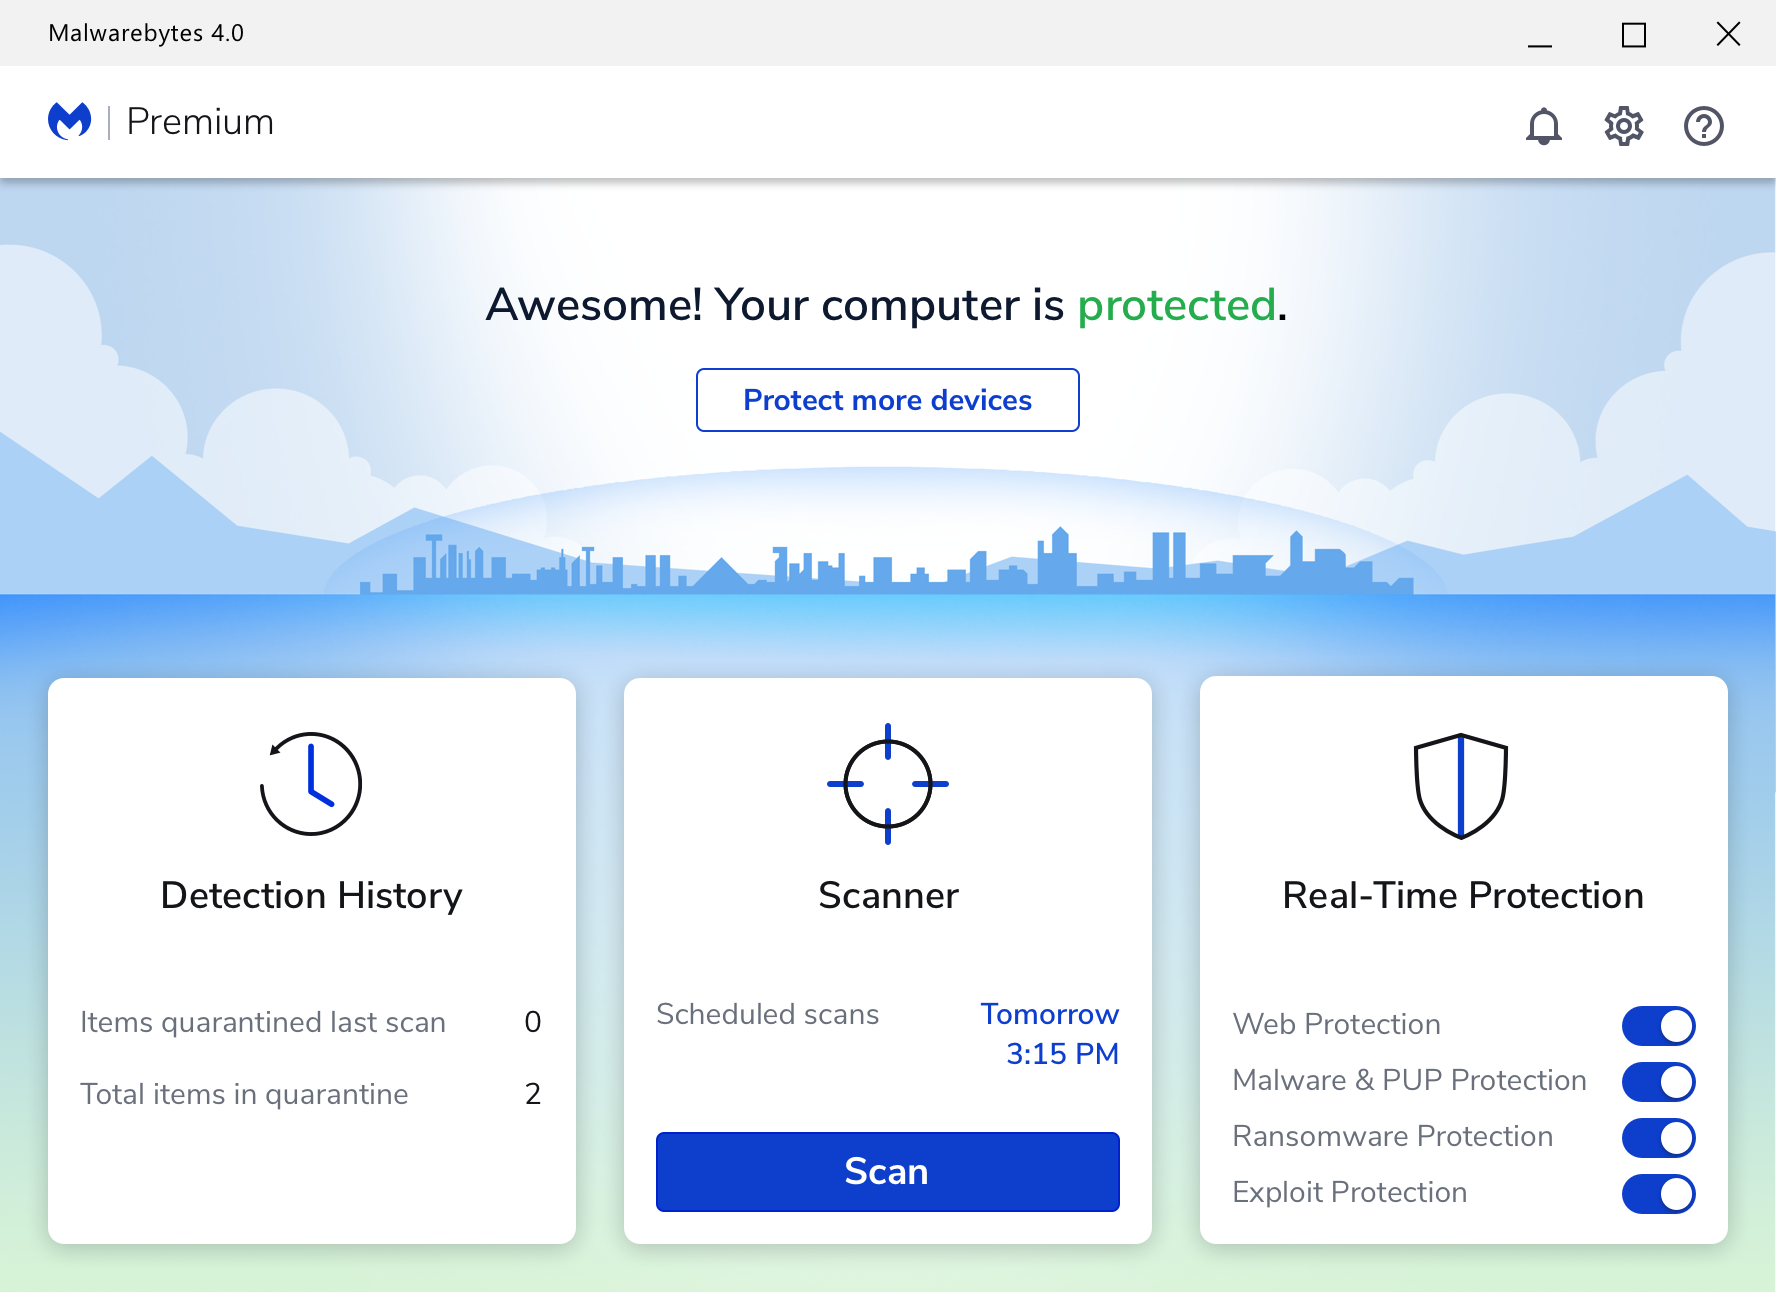 Licencias de Malwarebytes Premium 4.0 en España